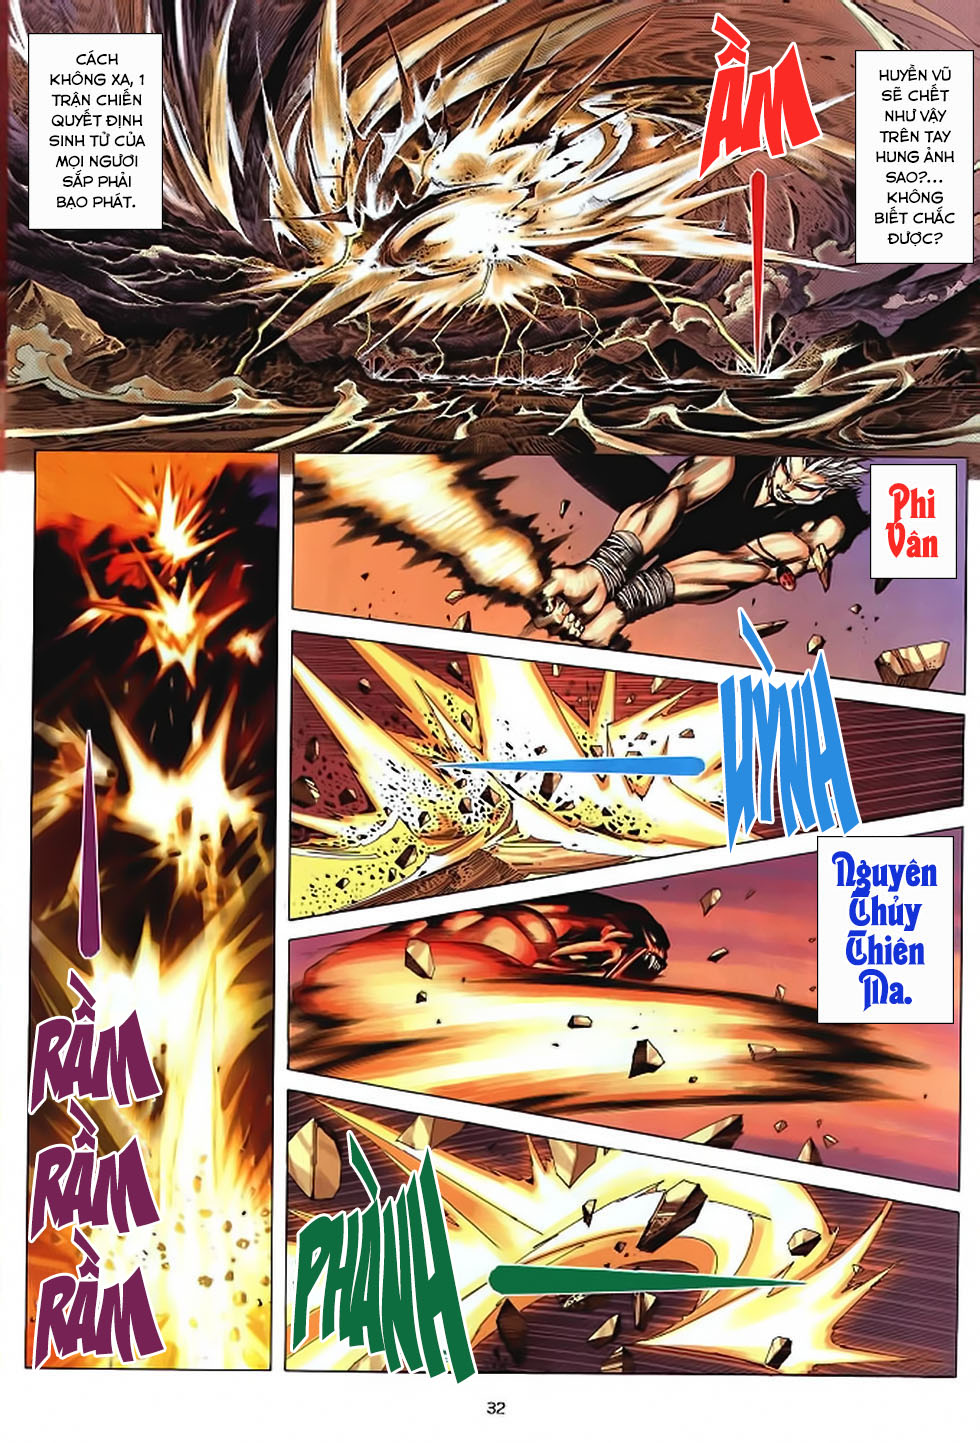 Chiến Thần Ký chap 39 - Trang 33